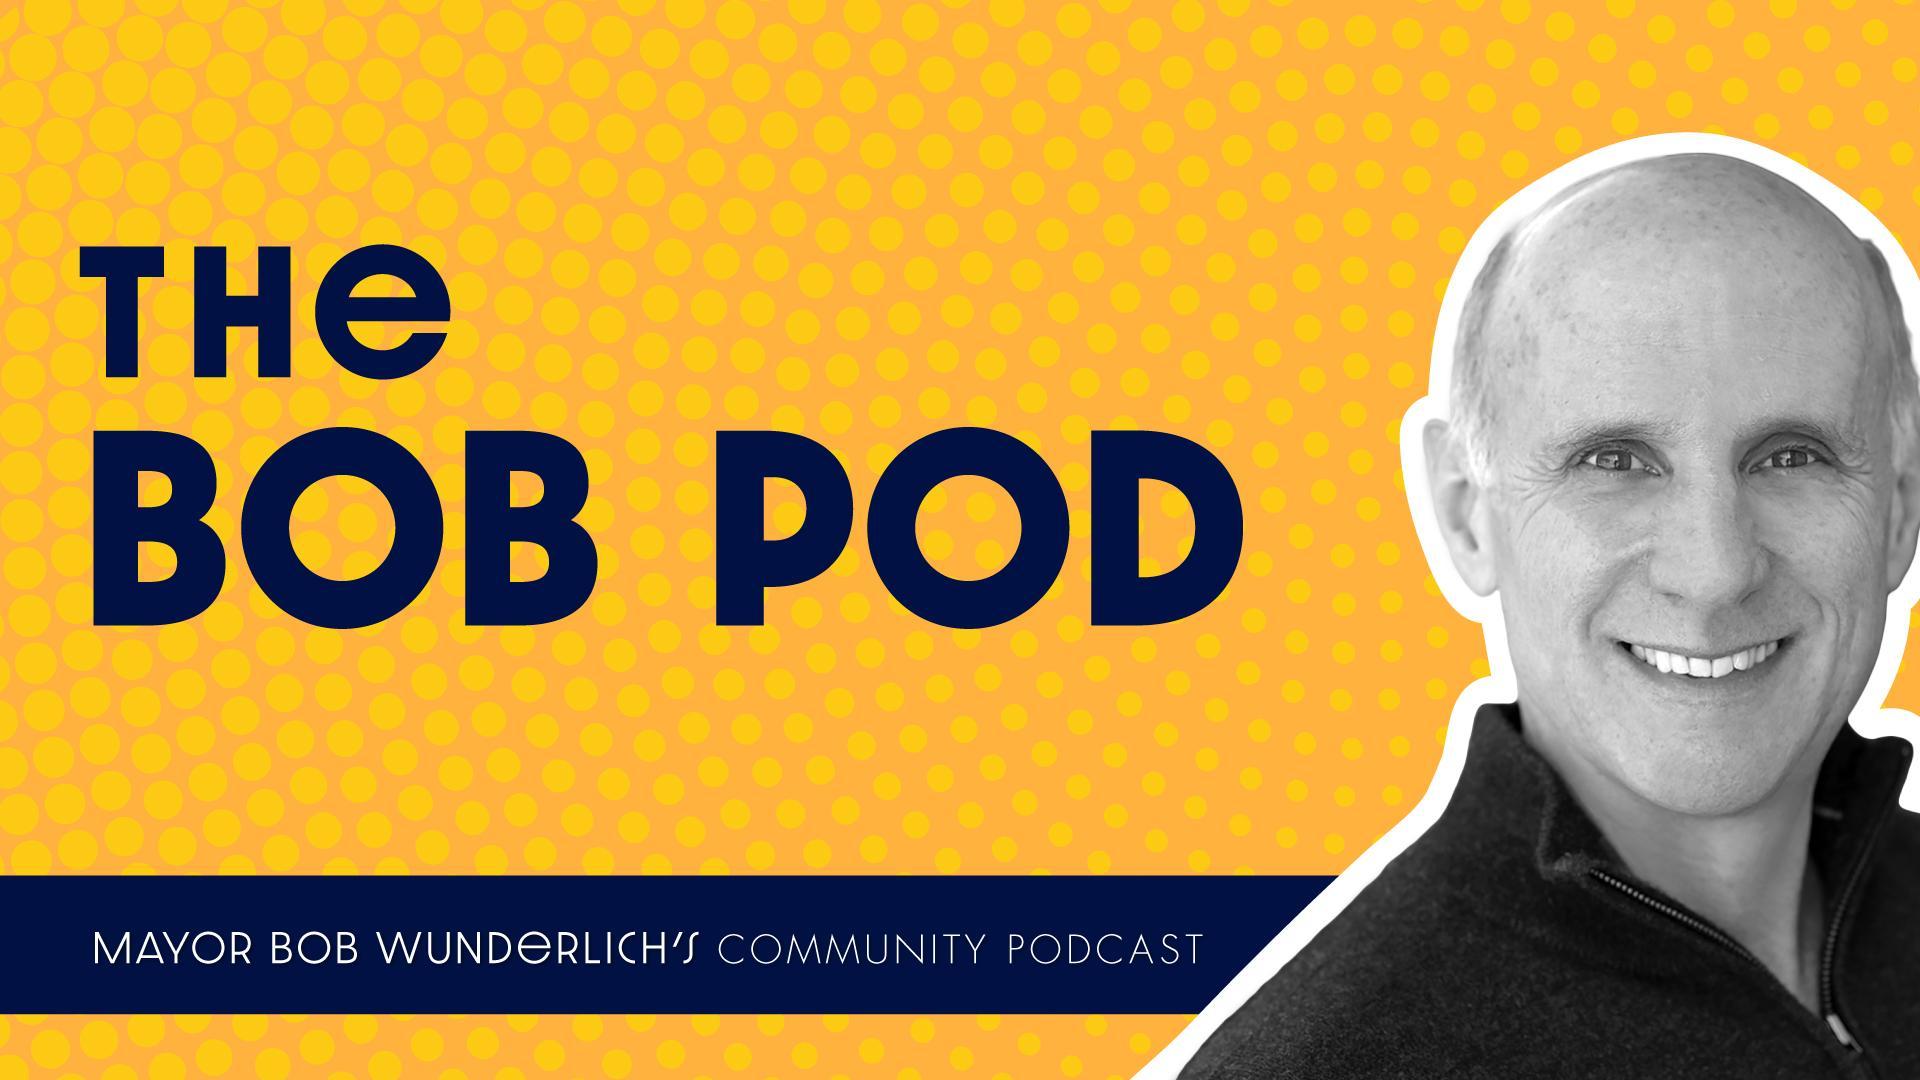 Bob Pod Web Image